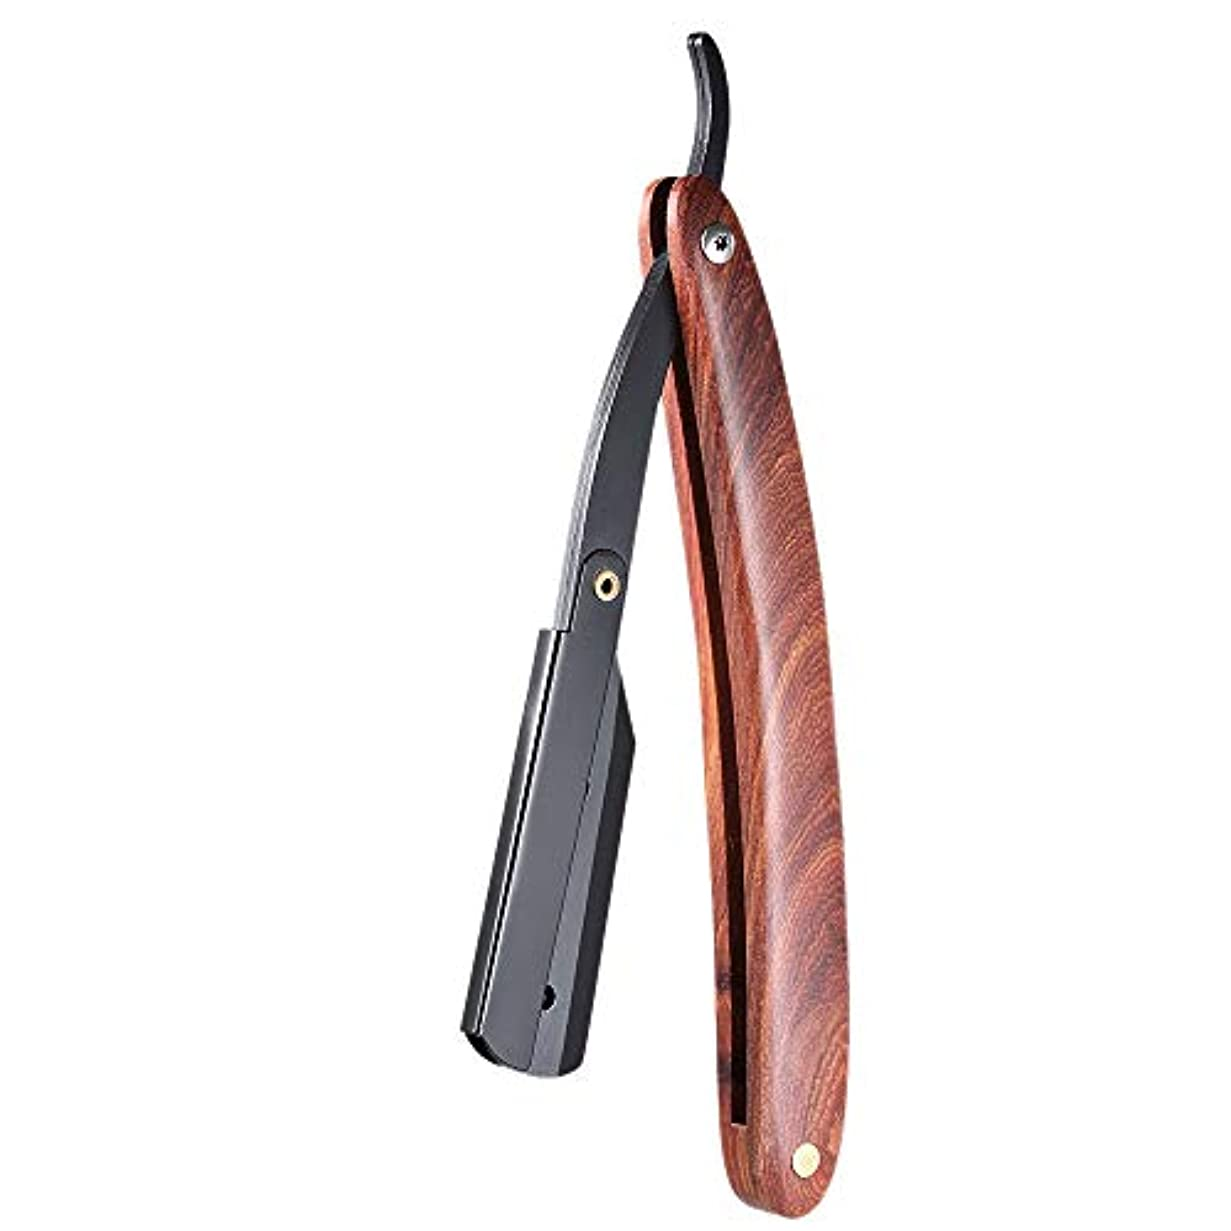 主流ささやきチャンピオンシップACAMPTAR 男性用シェービングのカミソリ、ストレートなエッジ、ステンレス鋼、手動かみそり、木製ハンドル、折りたたみ式シェービングナイフ、剃り、ひげのカッター、ポーチ